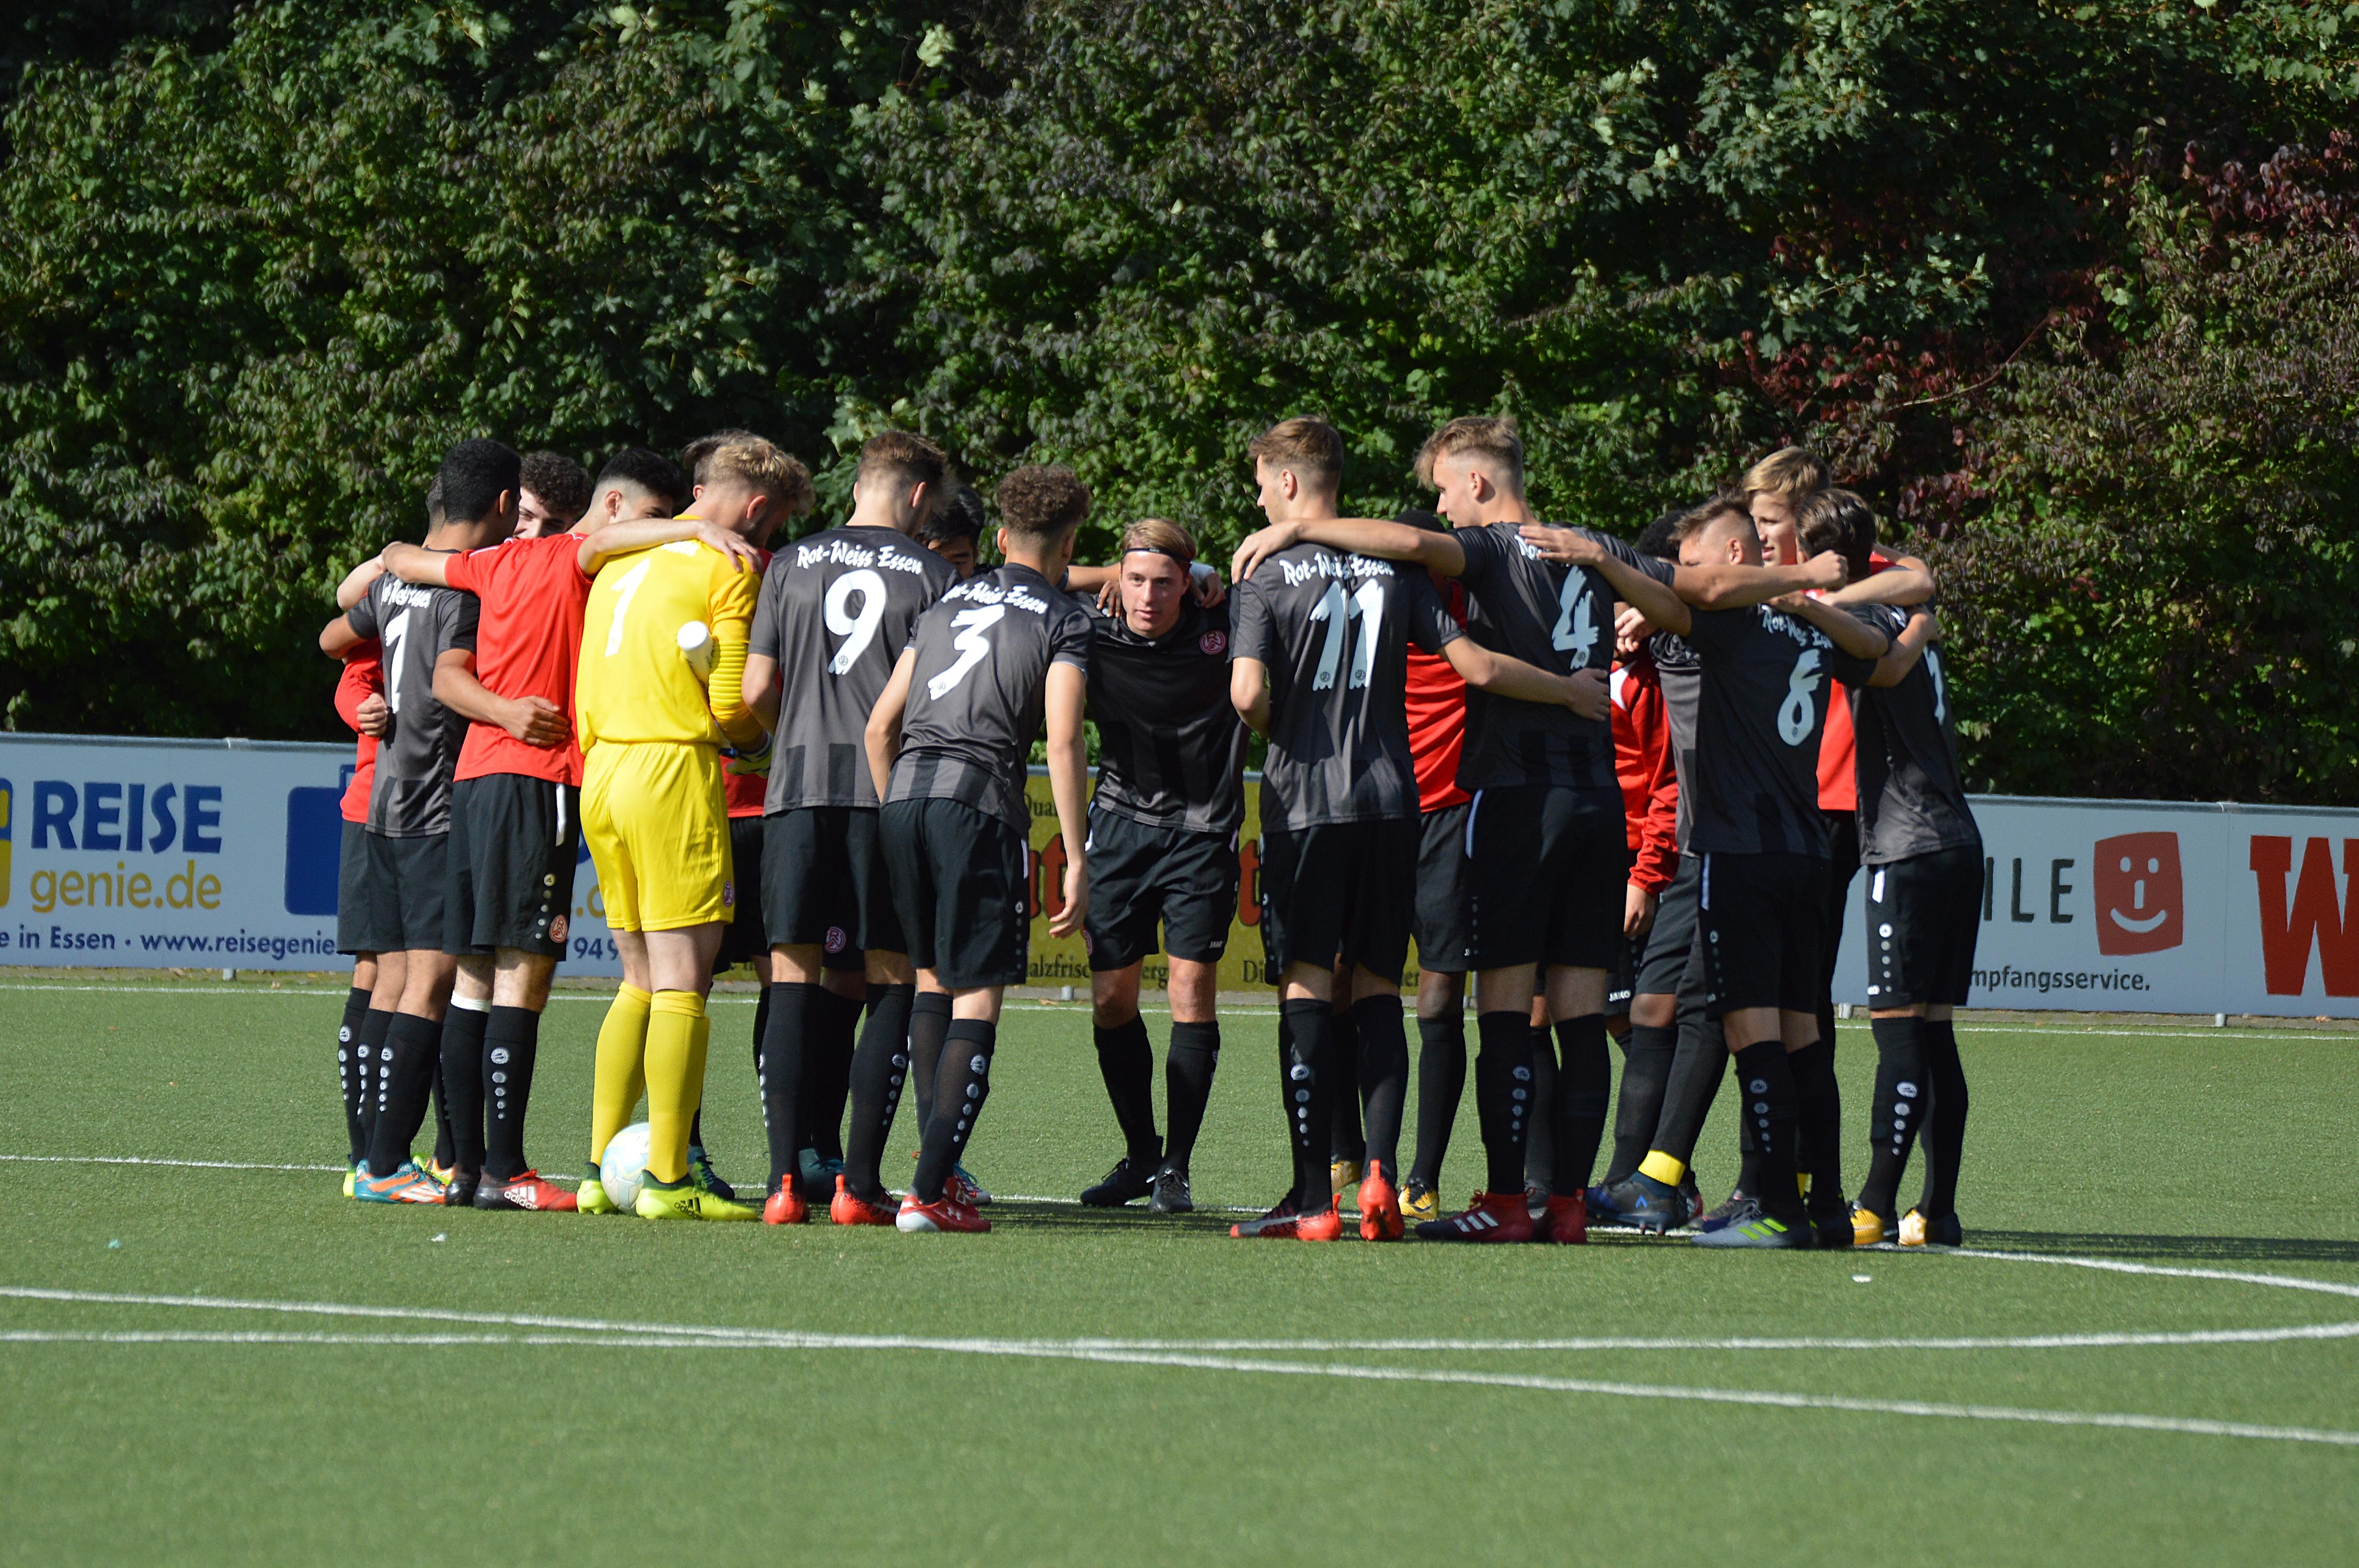 Im Spitzenspiel gegen den Wuppertaler SV will die rot-weisse U19 drei Punkte mit nach Hause nehmen. (Foto: Skuppin)